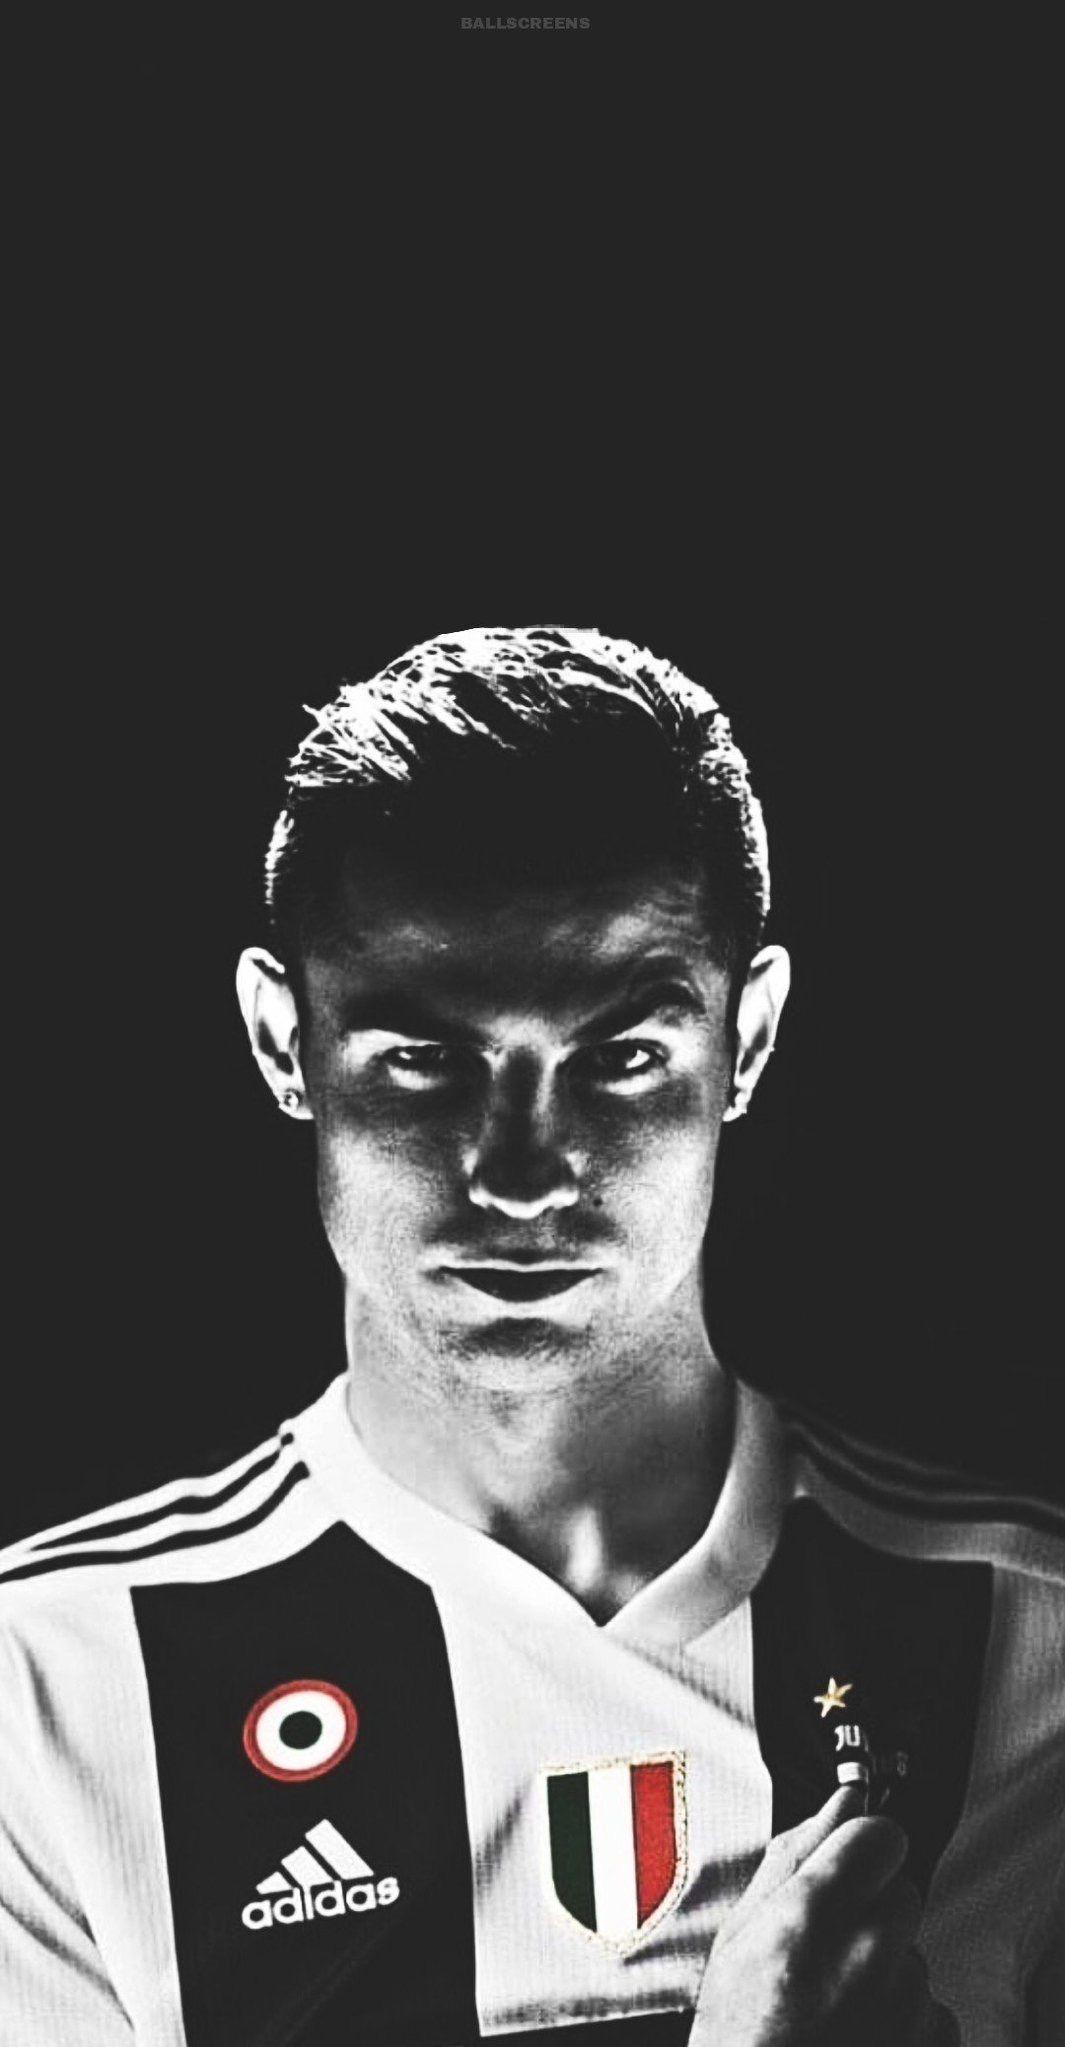 103eba86bbf85 El comandante ahora en Juventus Cristiano Ronaldo Wallpapers